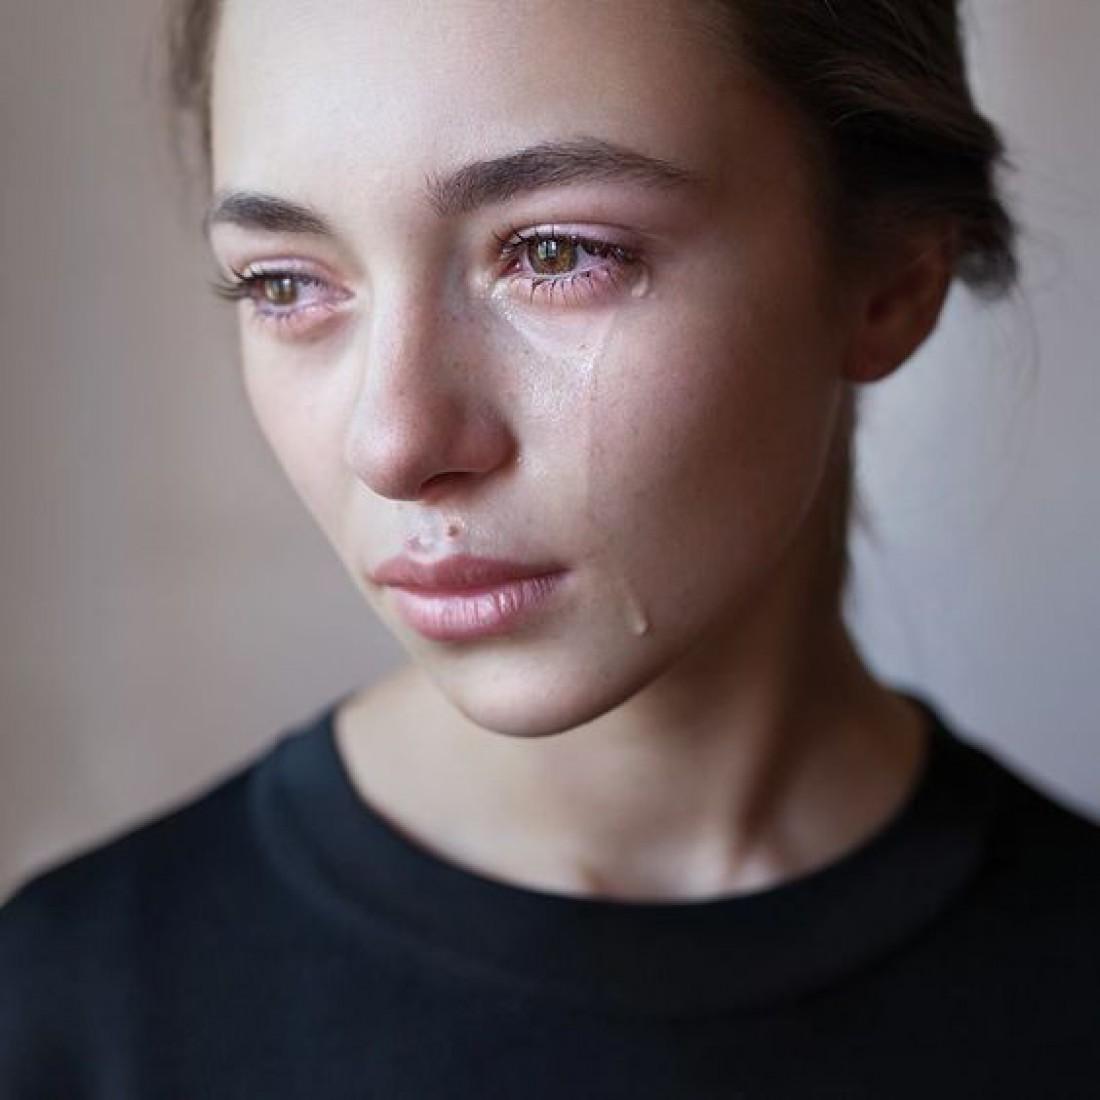 Осторожно, ПМС! ТОП-5 способов облегчить предменструальный синдром